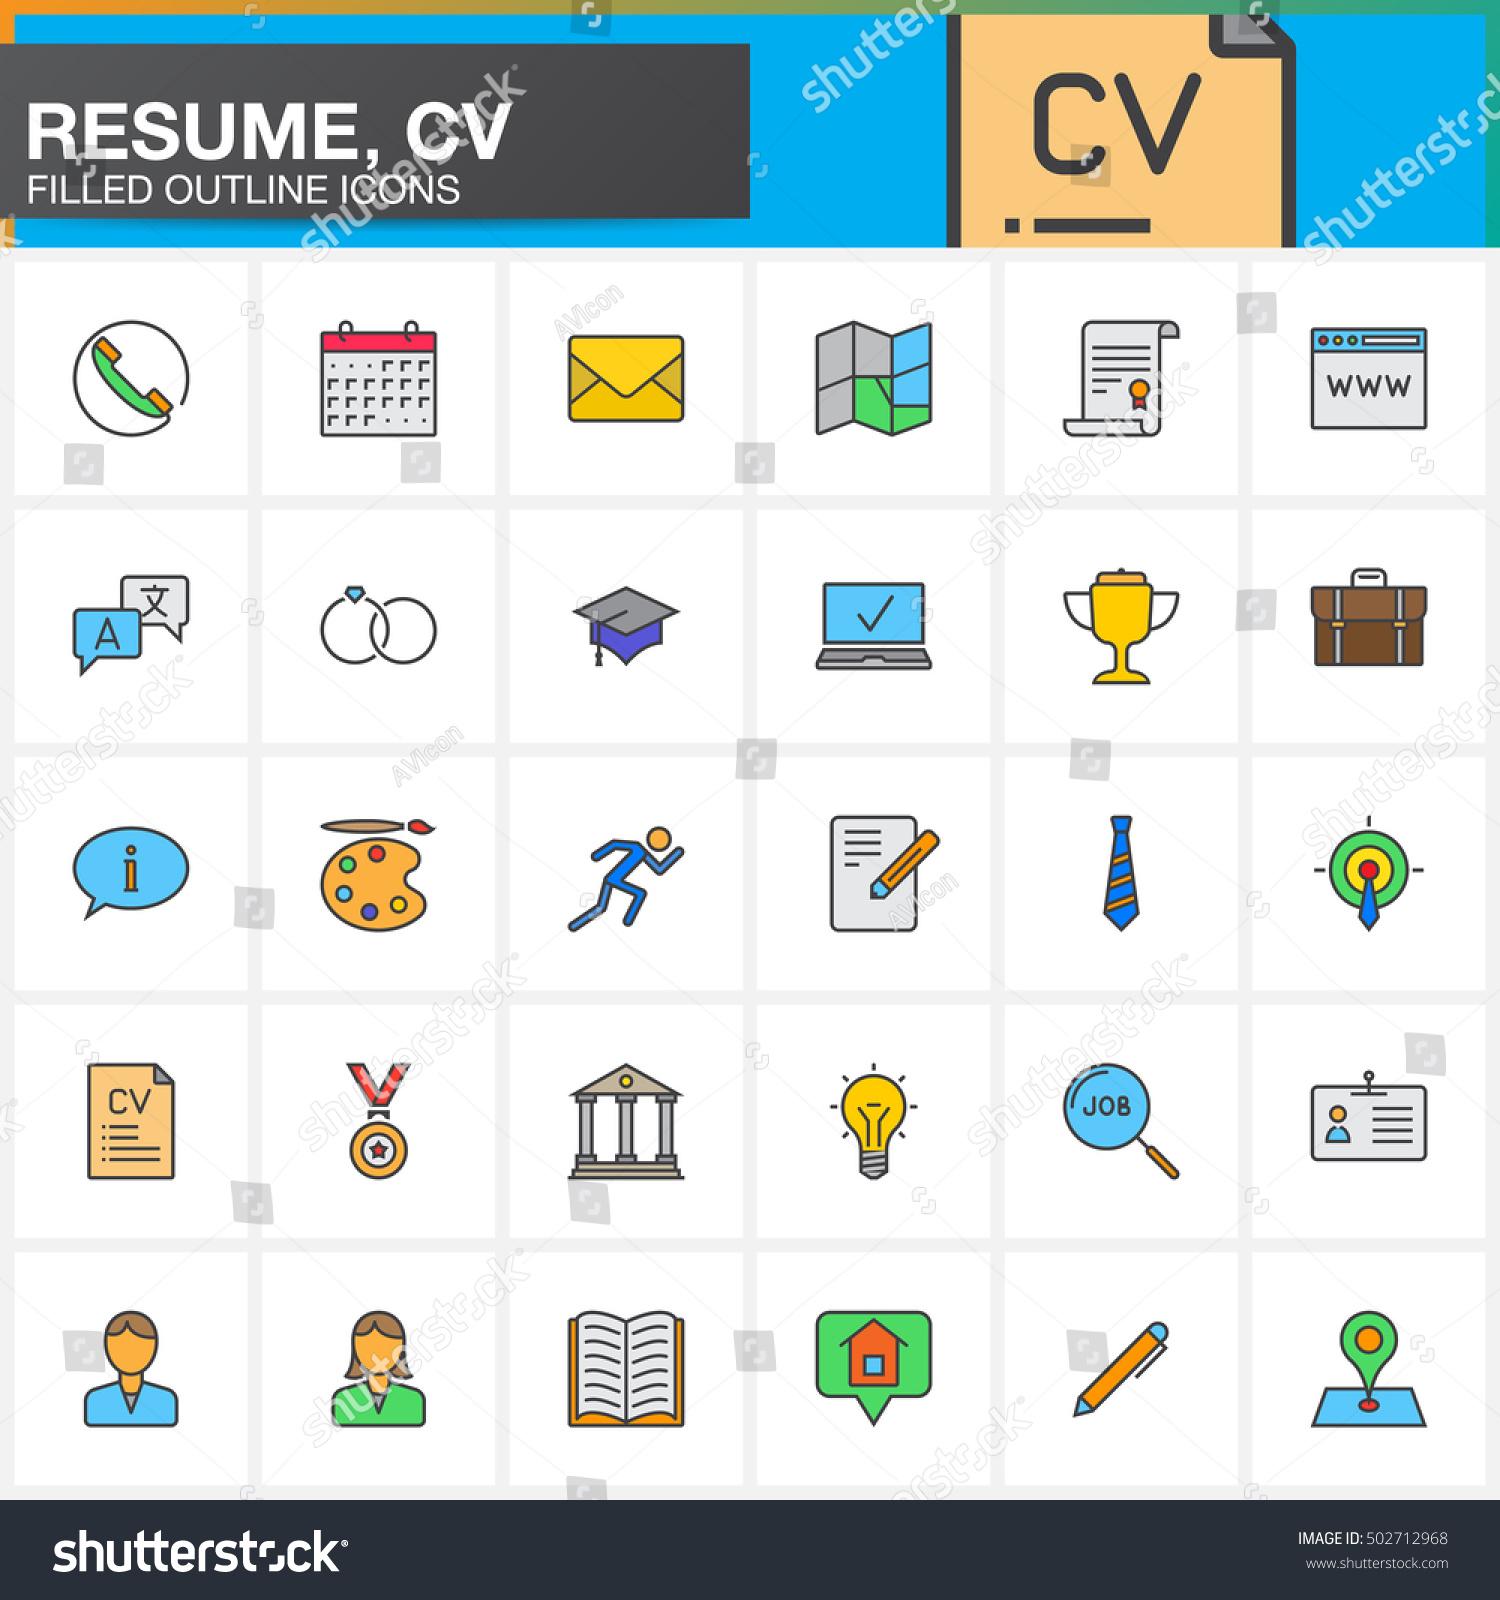 pictograms cv free